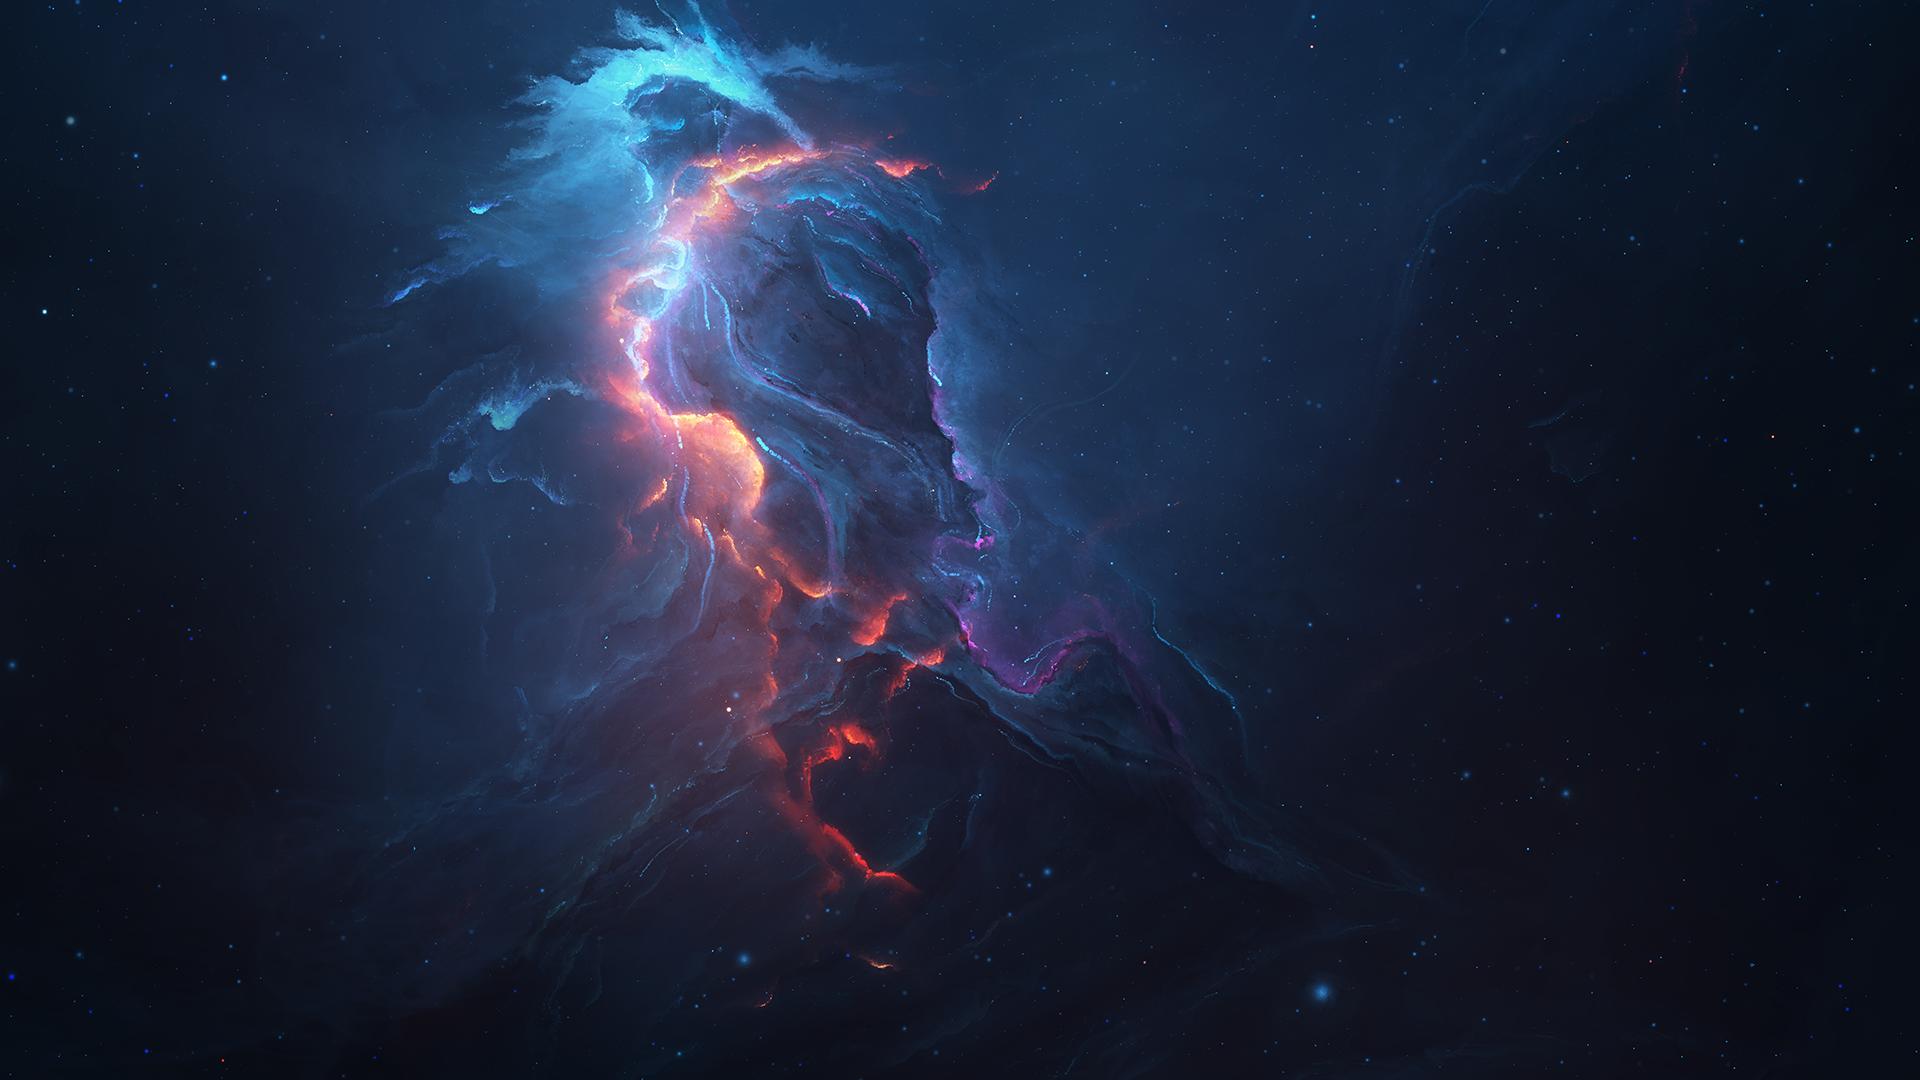 General 1920x1080 galaxy space space art digital art Starkiteckt